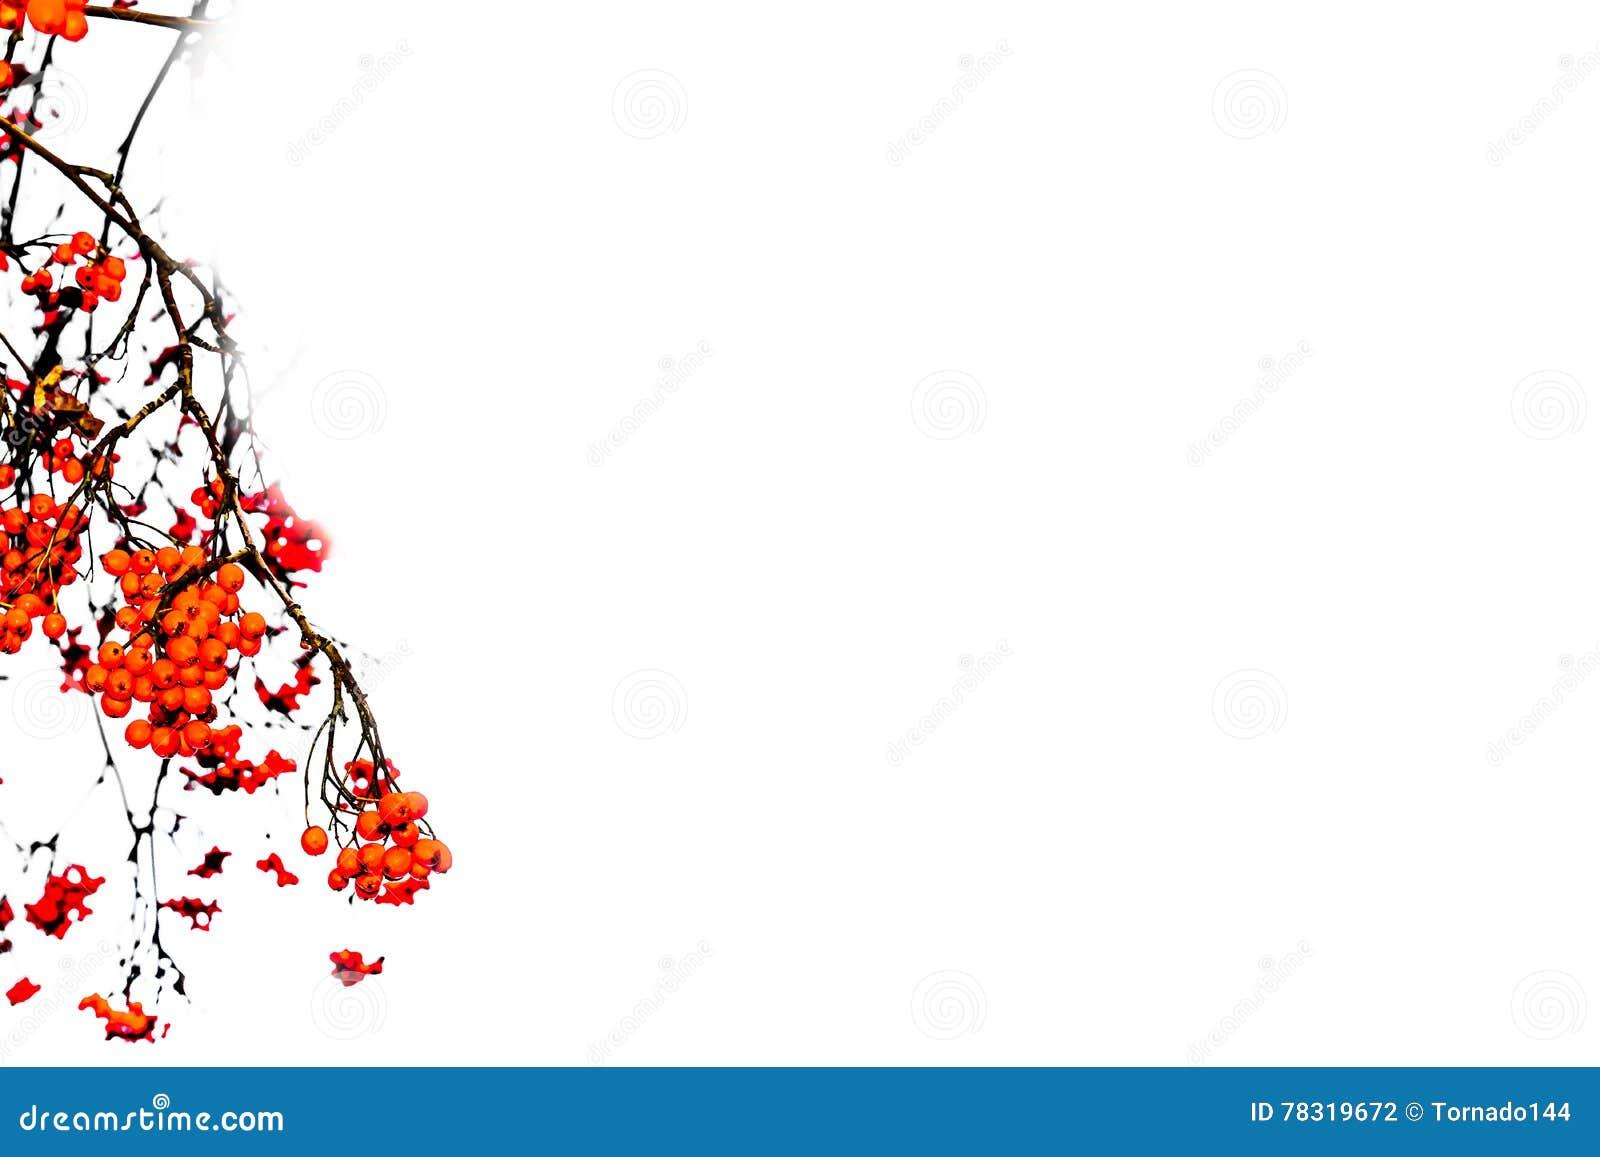 Επικεφαλίδα με τα κόκκινα μούρα σορβιών